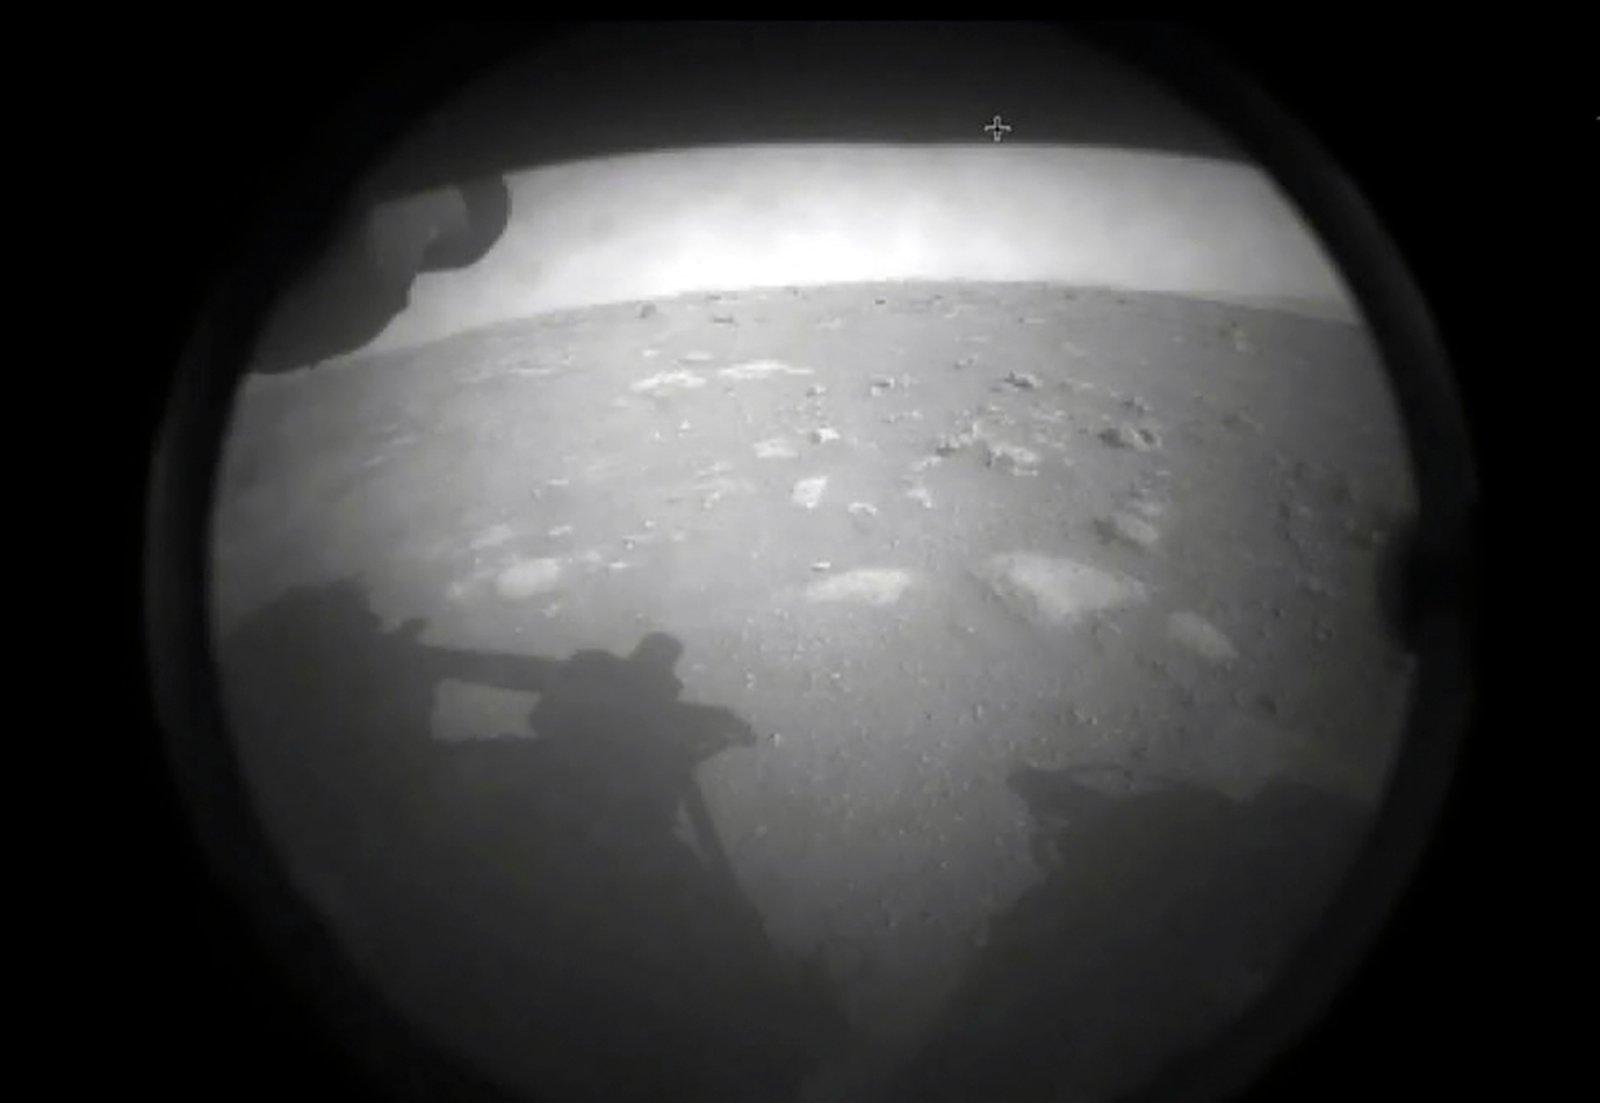 Marsilt elu märke otsiv NASA kulgur maandus edukalt ja lähetas Maale esimesed kaadrid